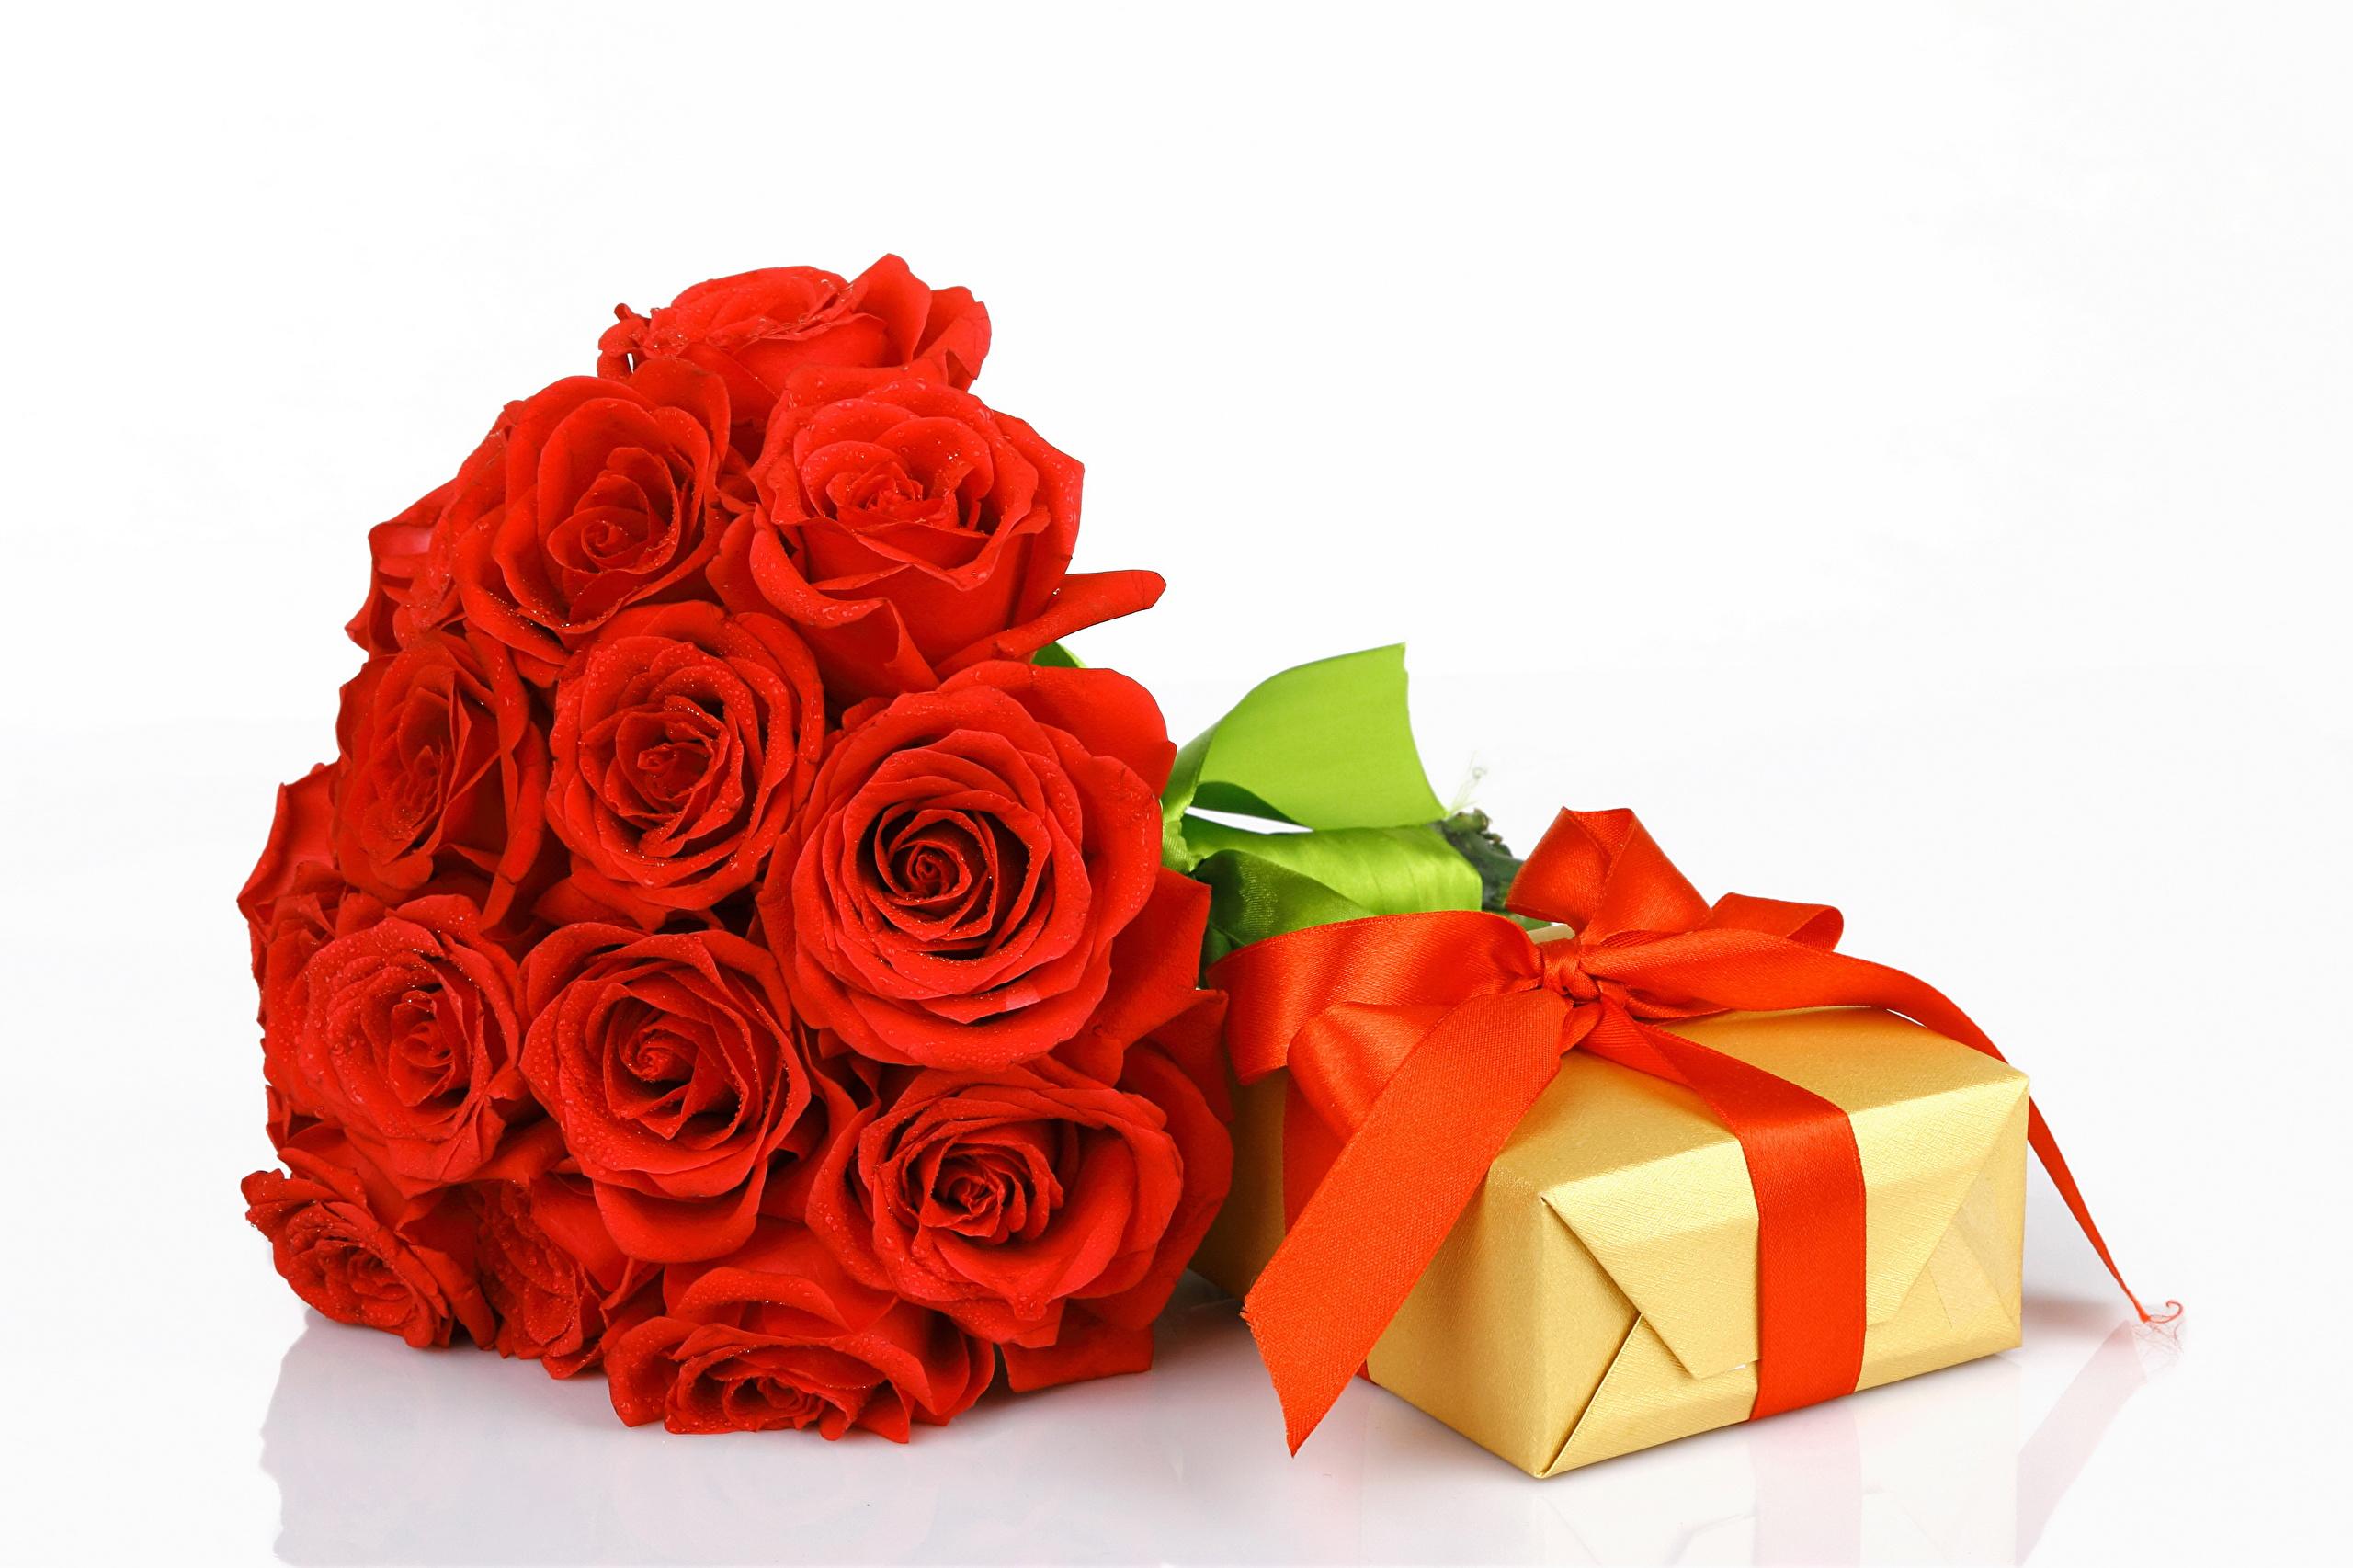 Подарочный букет цветов фото с днем рождения